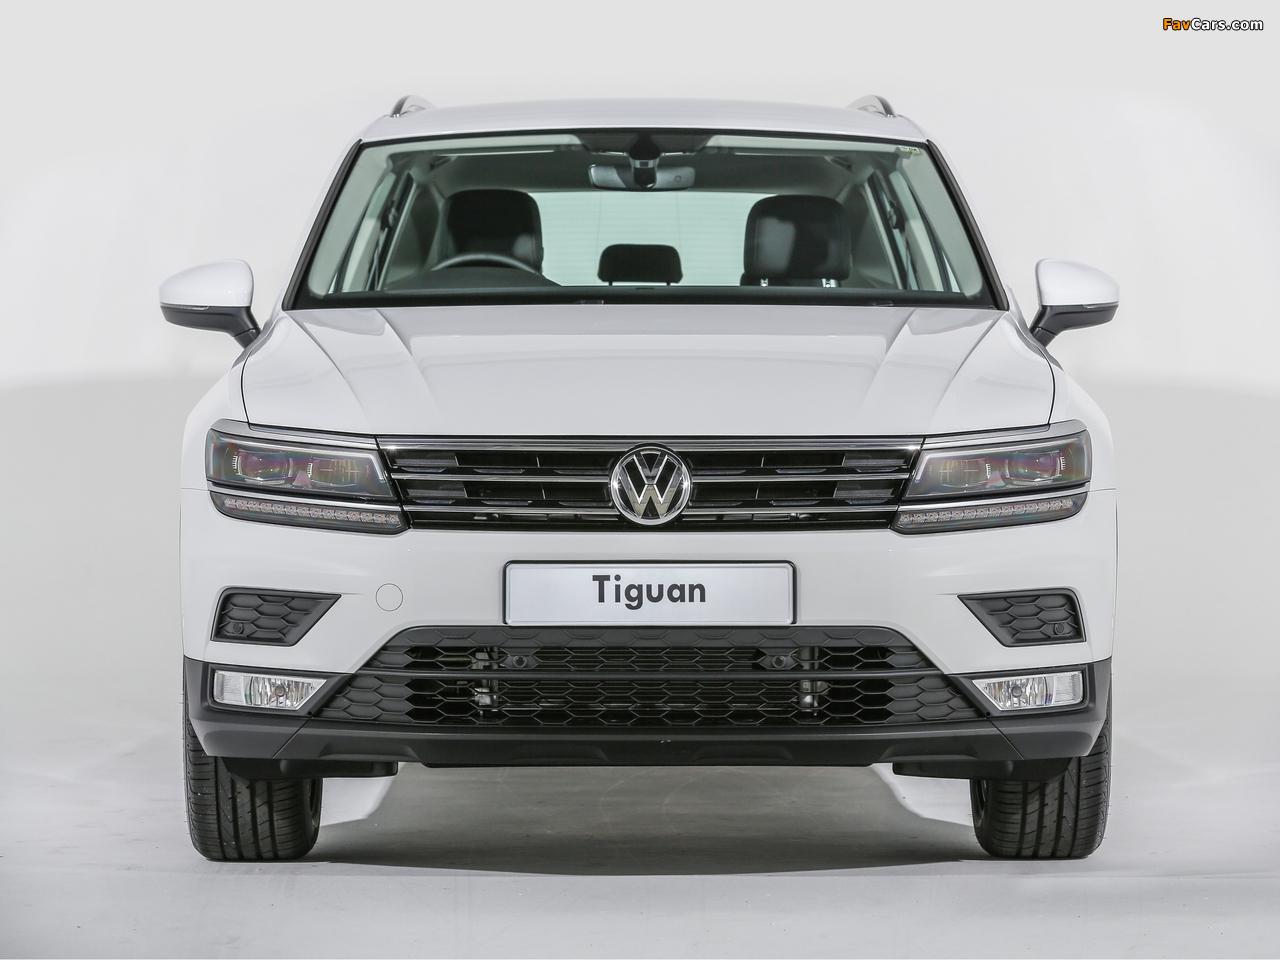 Volkswagen Tiguan MY-spec 2017 images (1280 x 960)